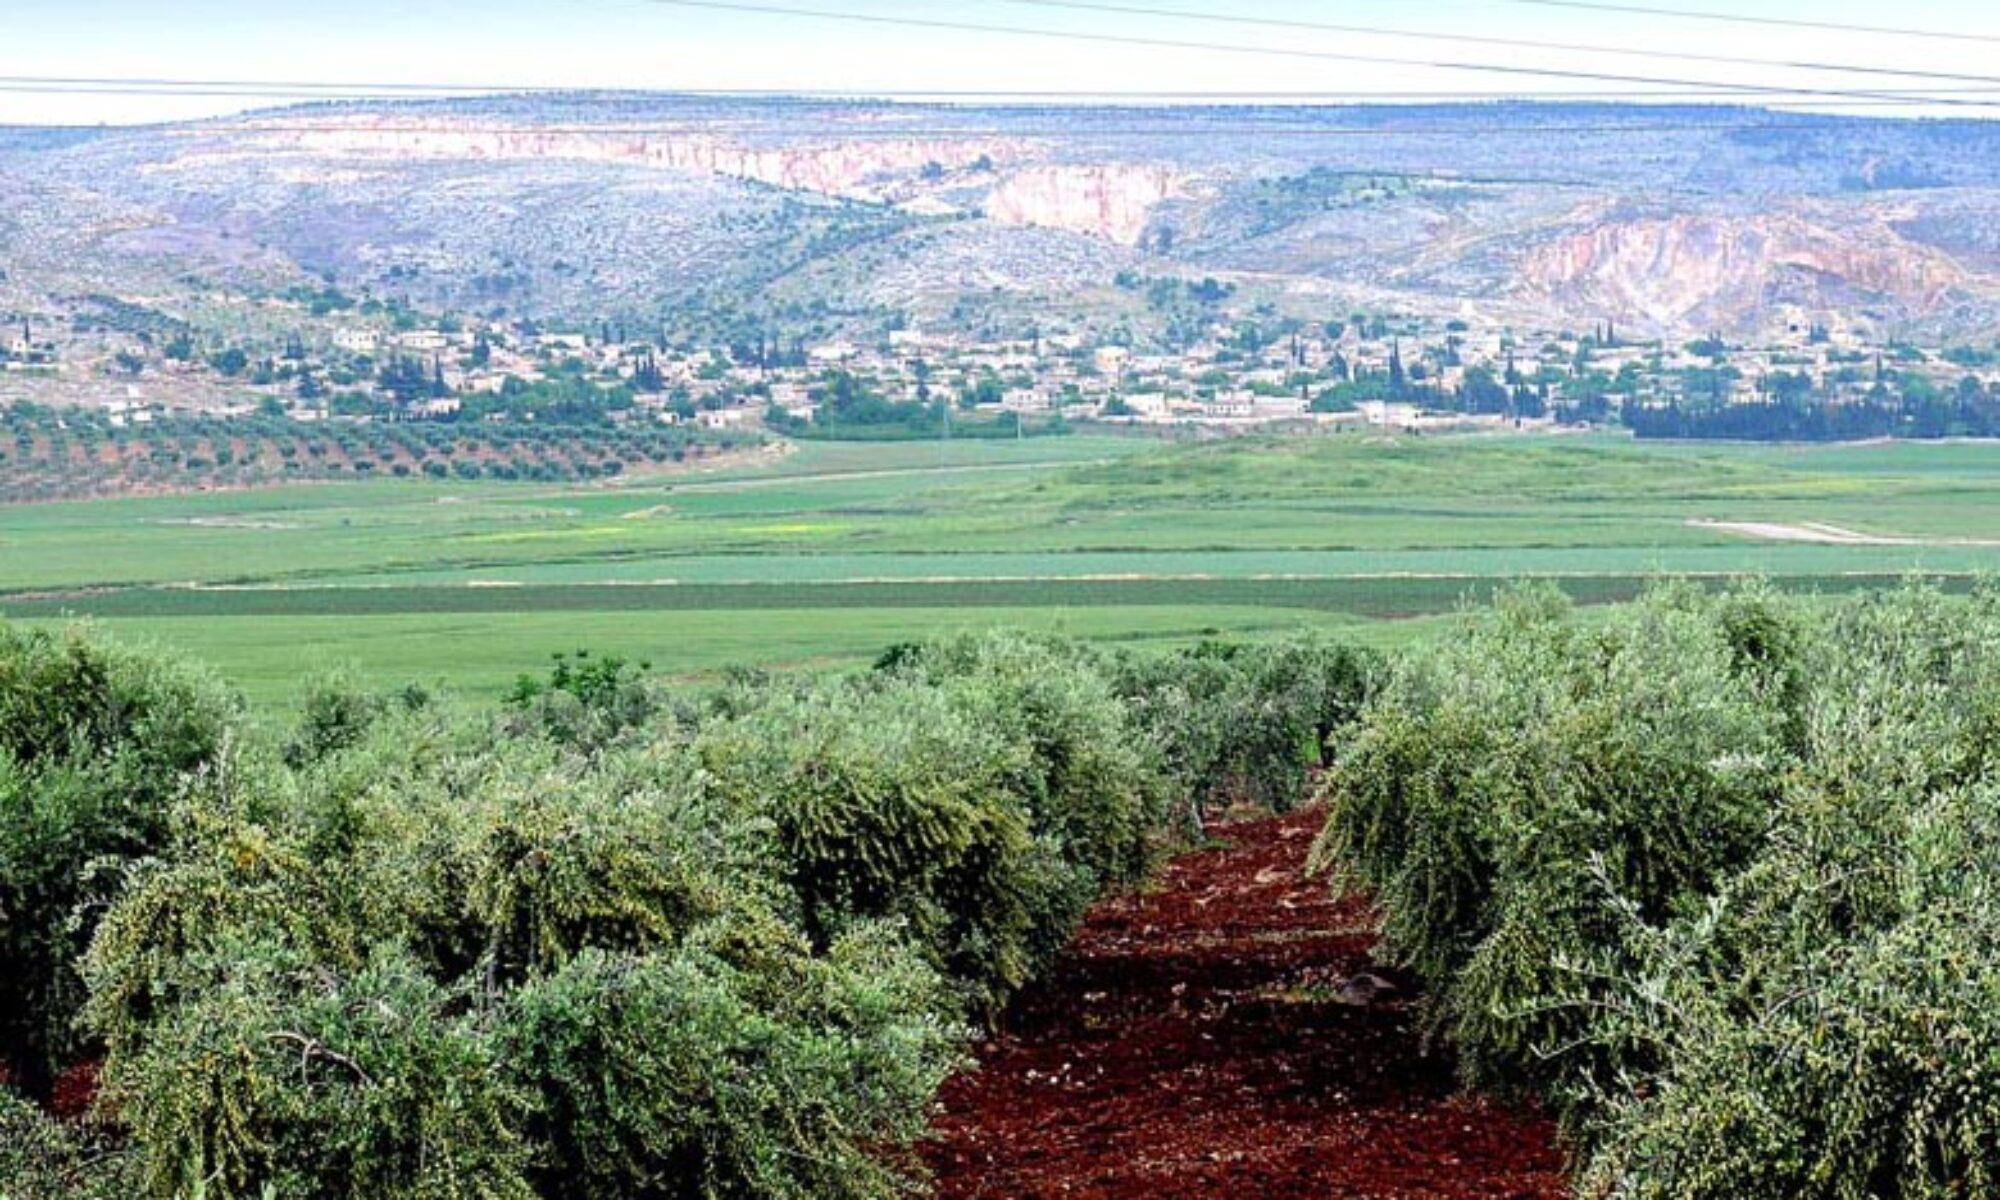 Efrin'de Zeytin zulmü devam ediyor: Meydank köyünde 60'tan fazla zeytinliğe en kondu